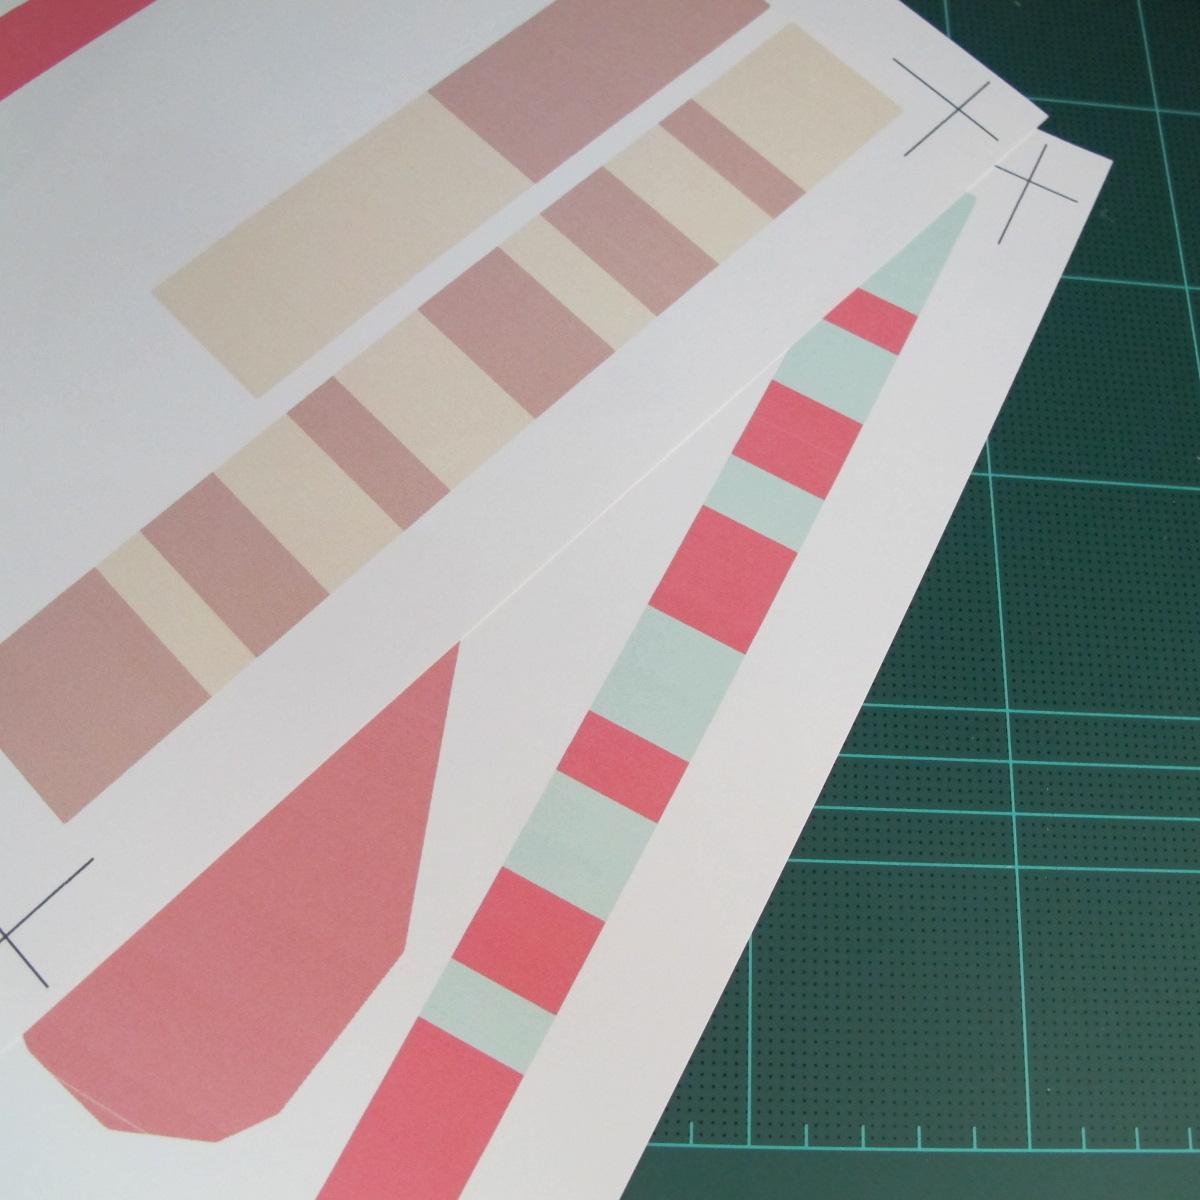 วิธีทำโมเดลกระดาษเป็นกล่องของขวัญรูปหัวใจ (Heart Box Papercraft Model) 001